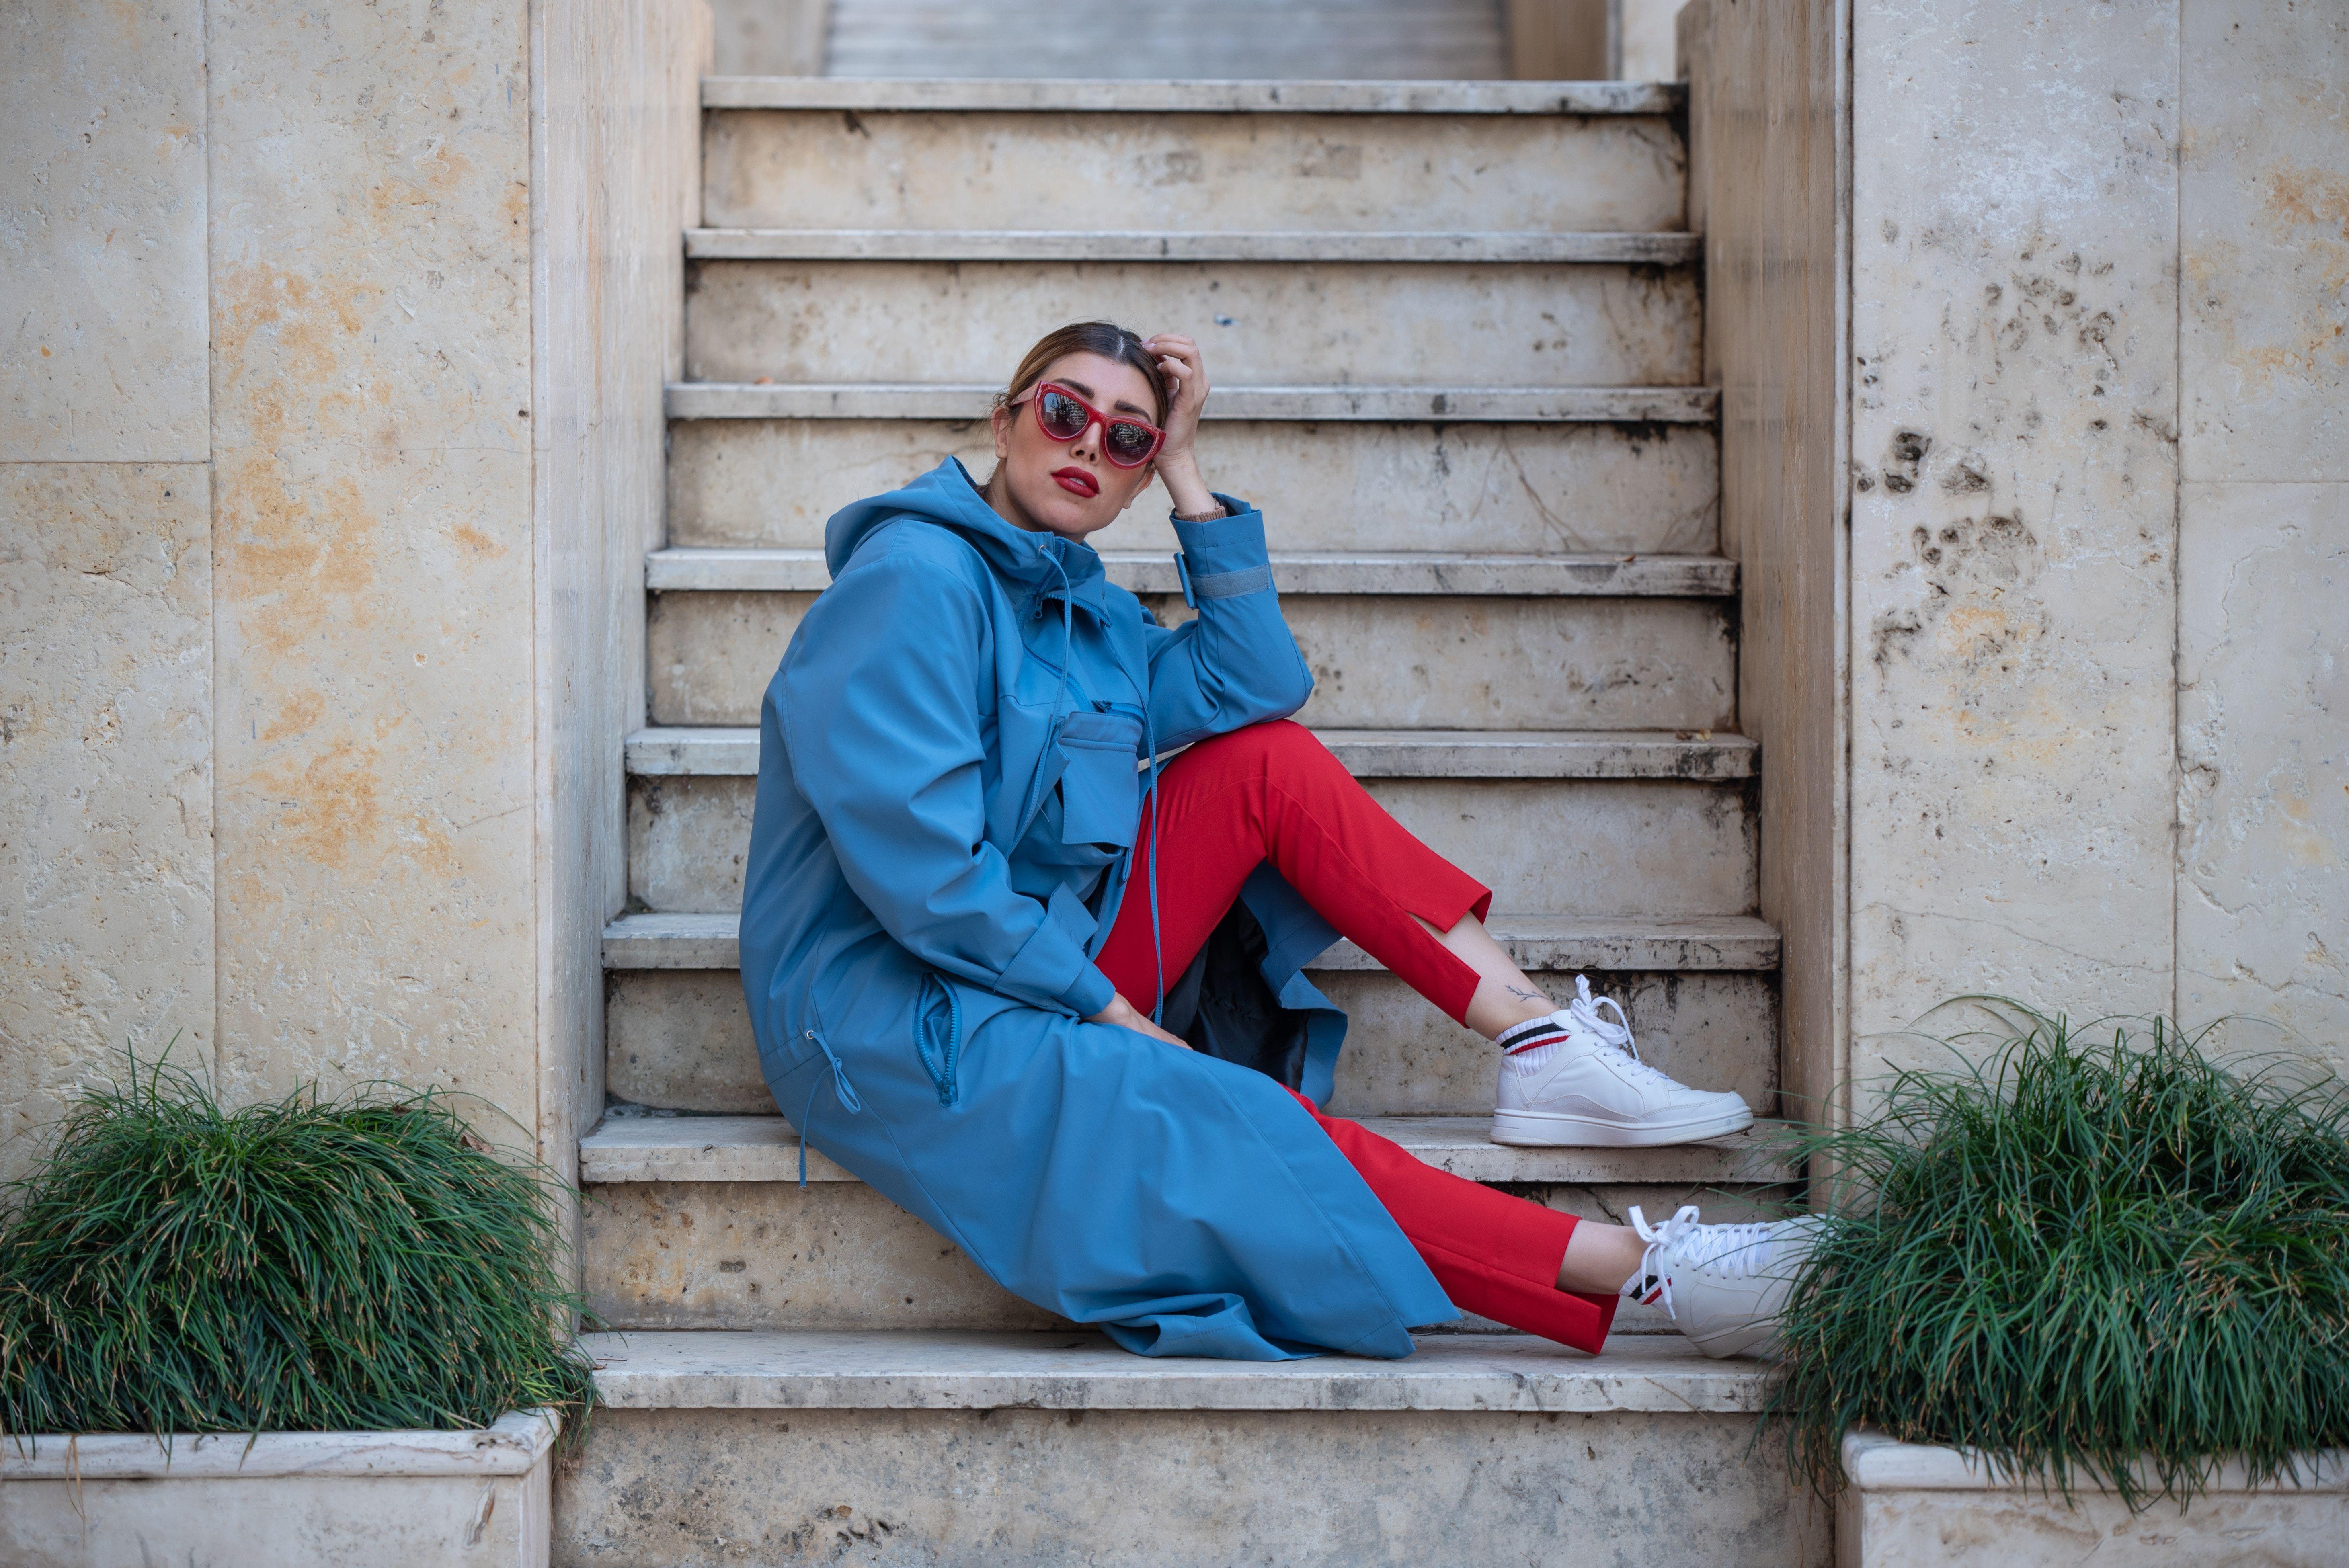 Frauenoutfits nach Anlässen: passender Modestil